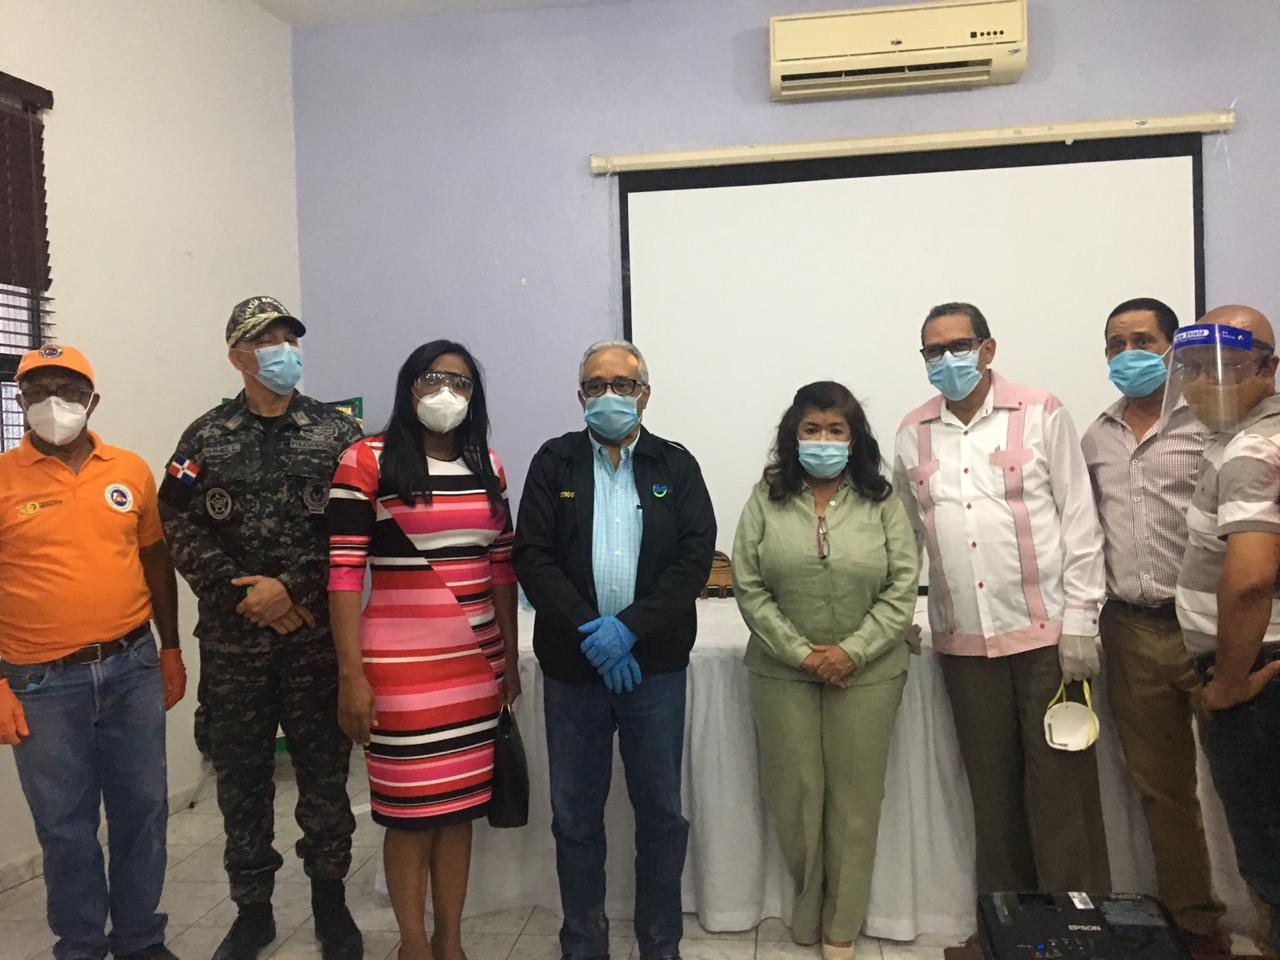 Ministro de Salud destaca labor del SRS Este en atenciones de pacientes Covid 19 en hospitales de esta región